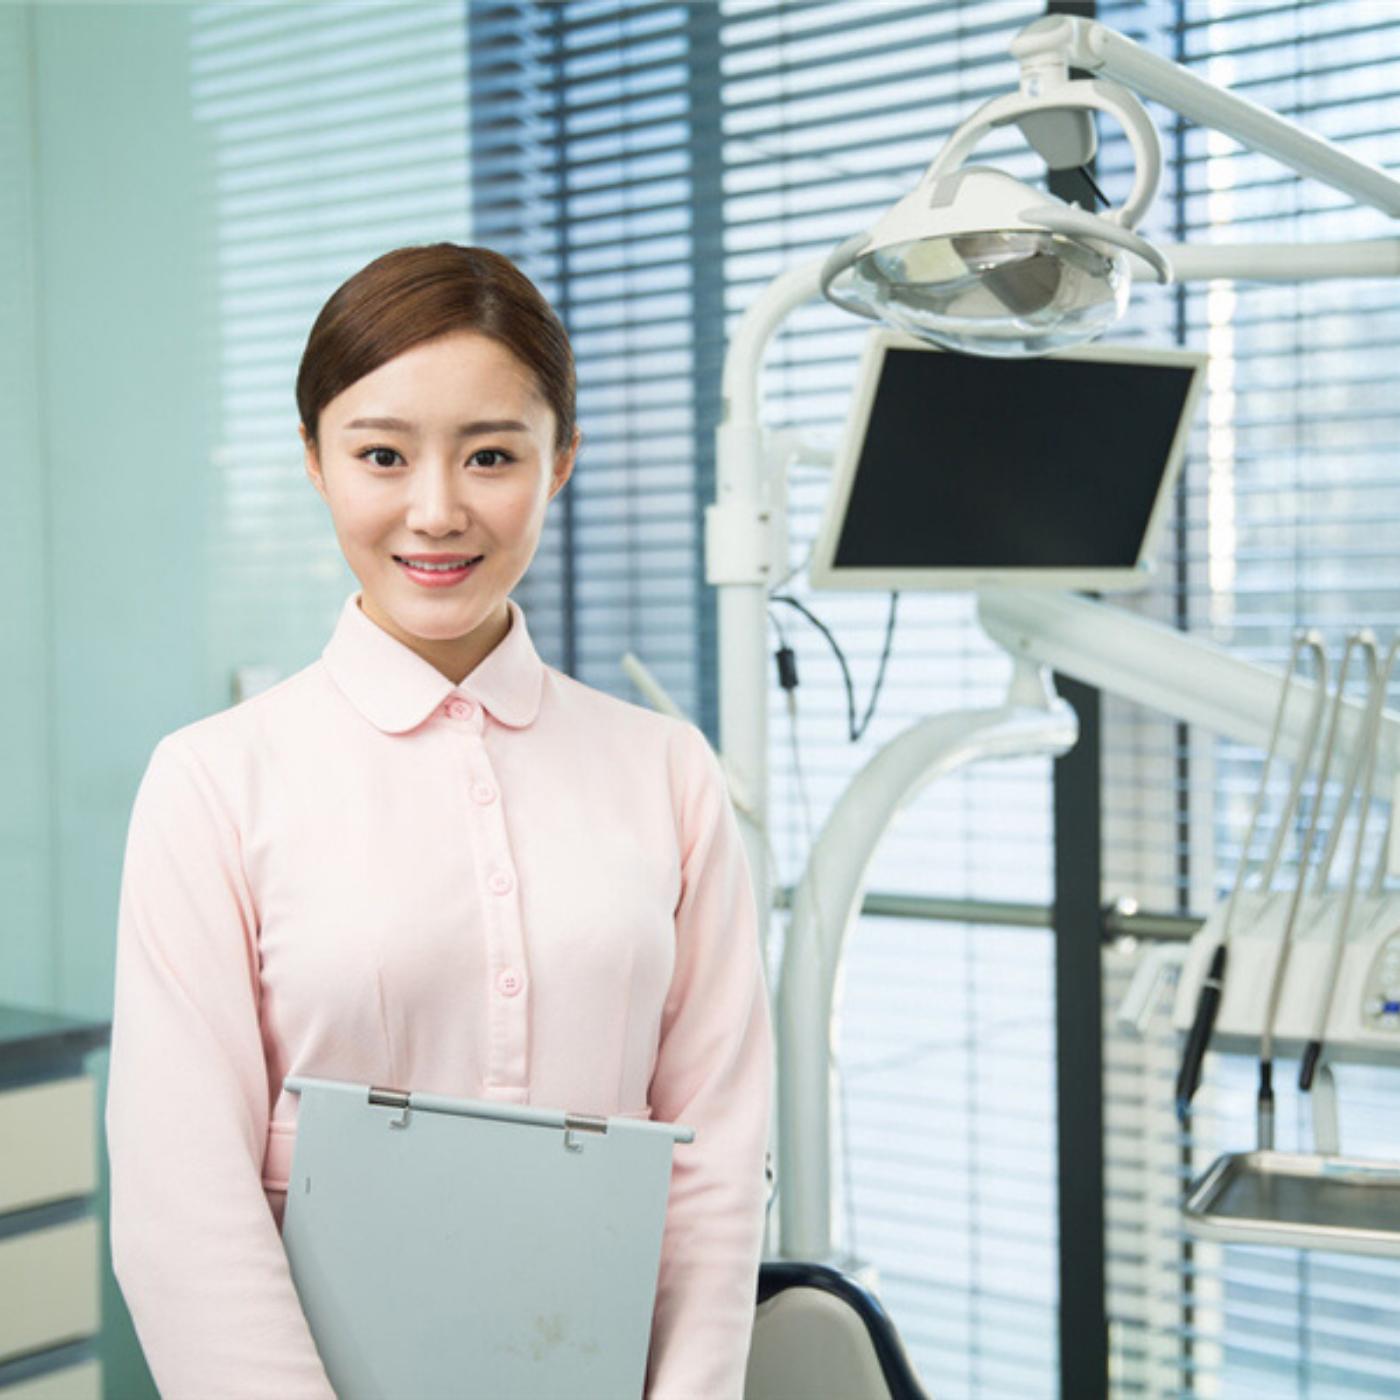 牙科管理--营销篇